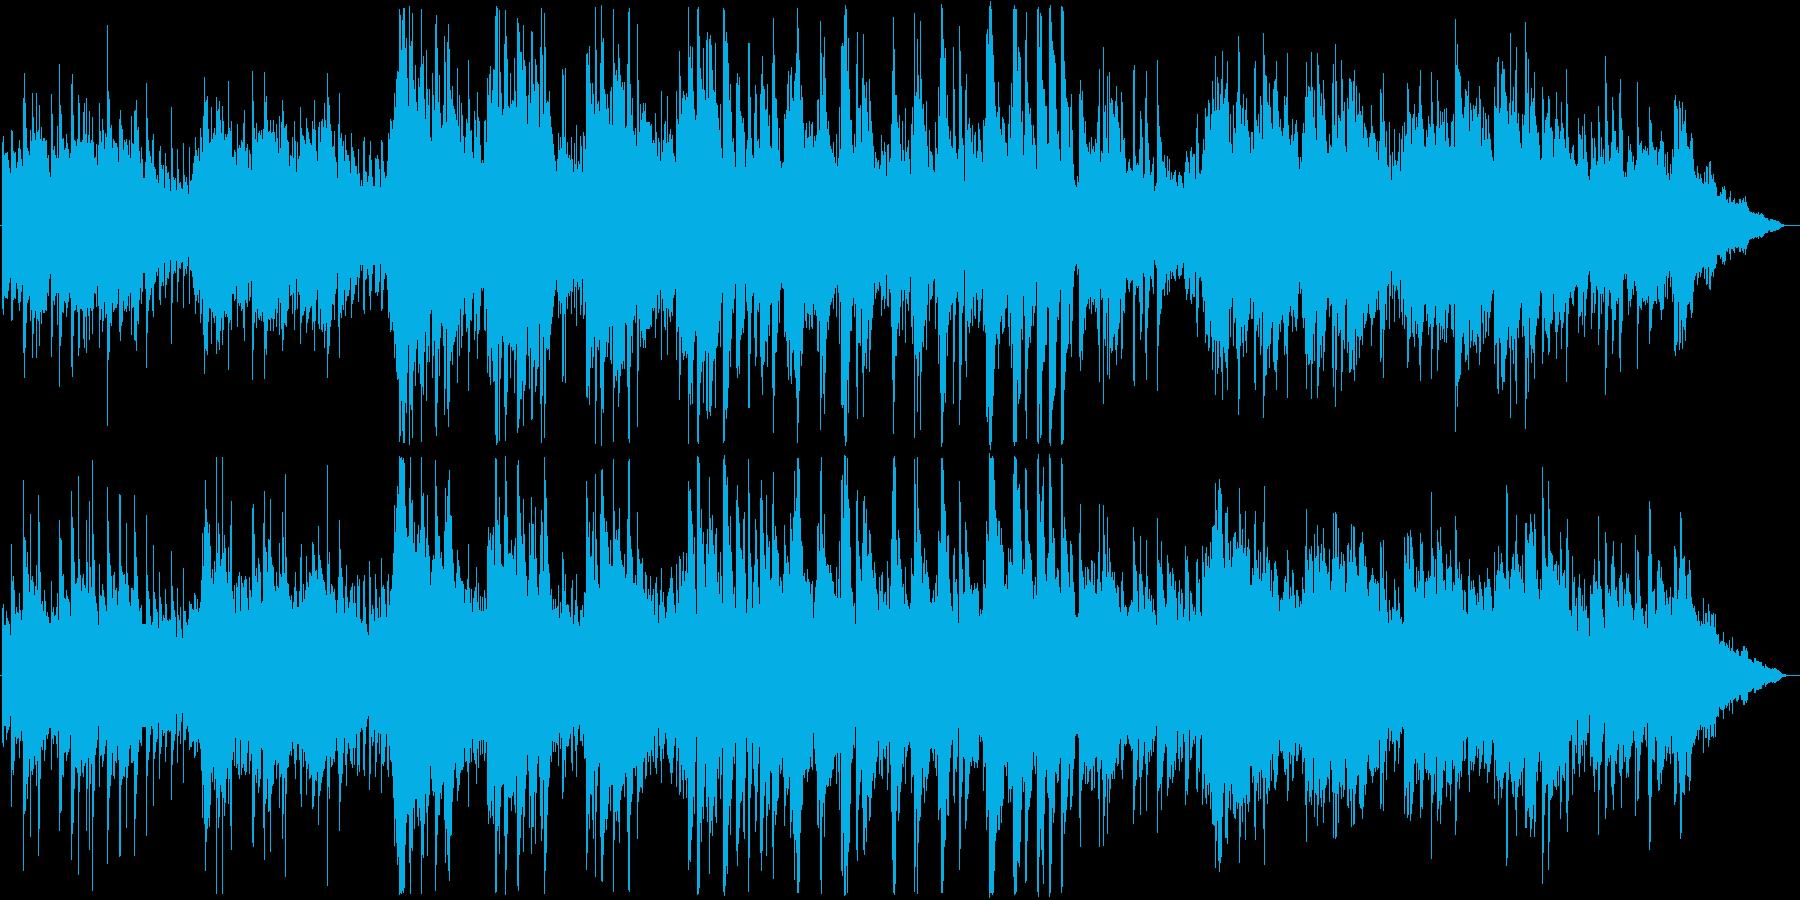 心安らぐアコースティックギターのバラードの再生済みの波形